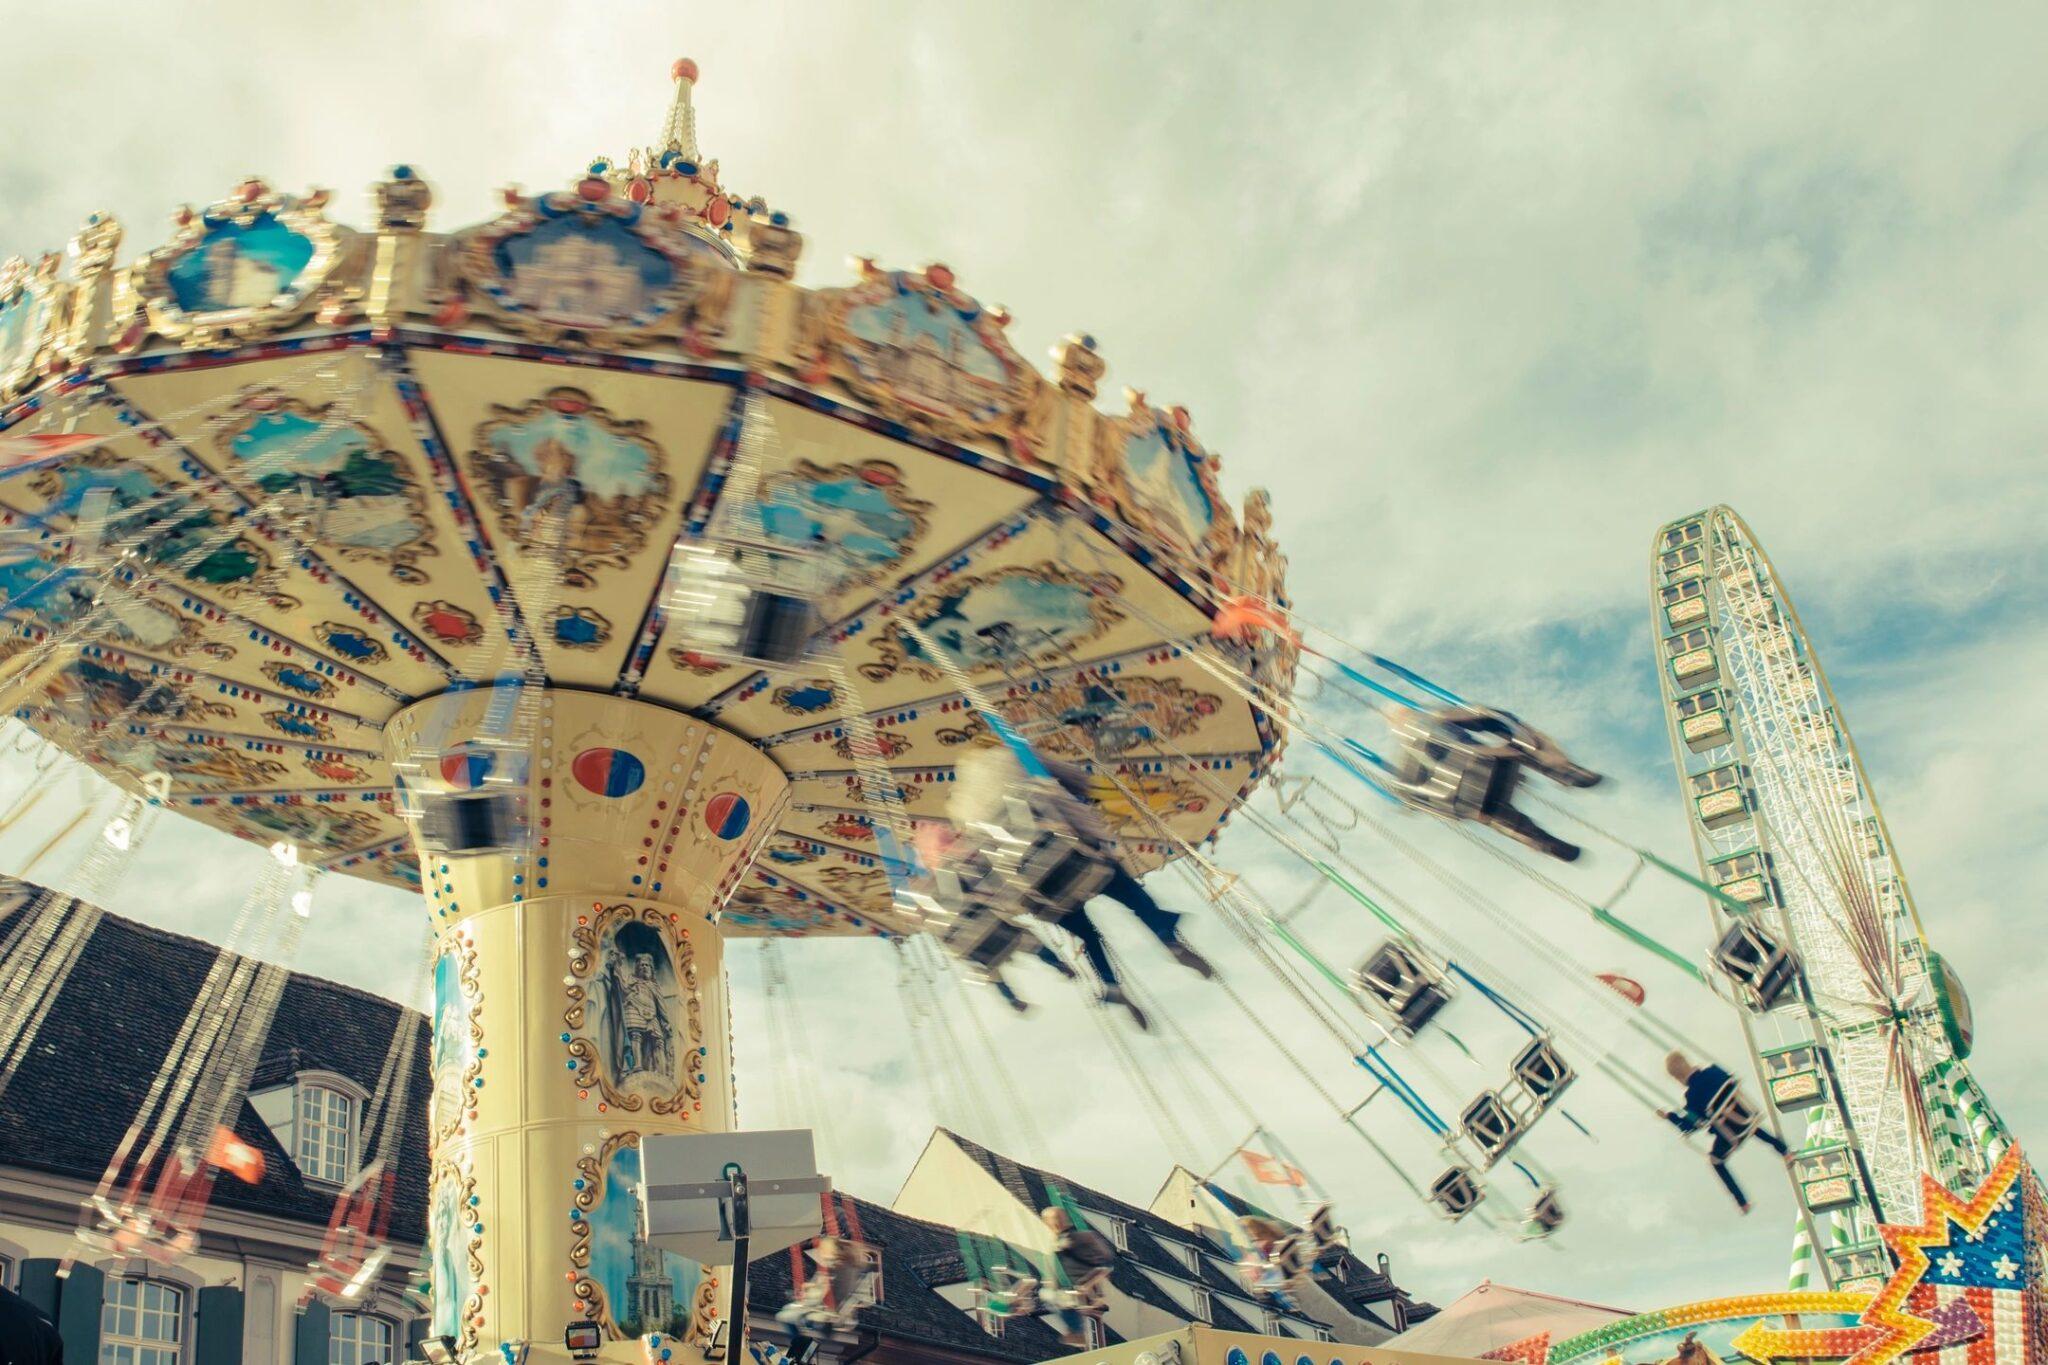 Amusement Park Financing